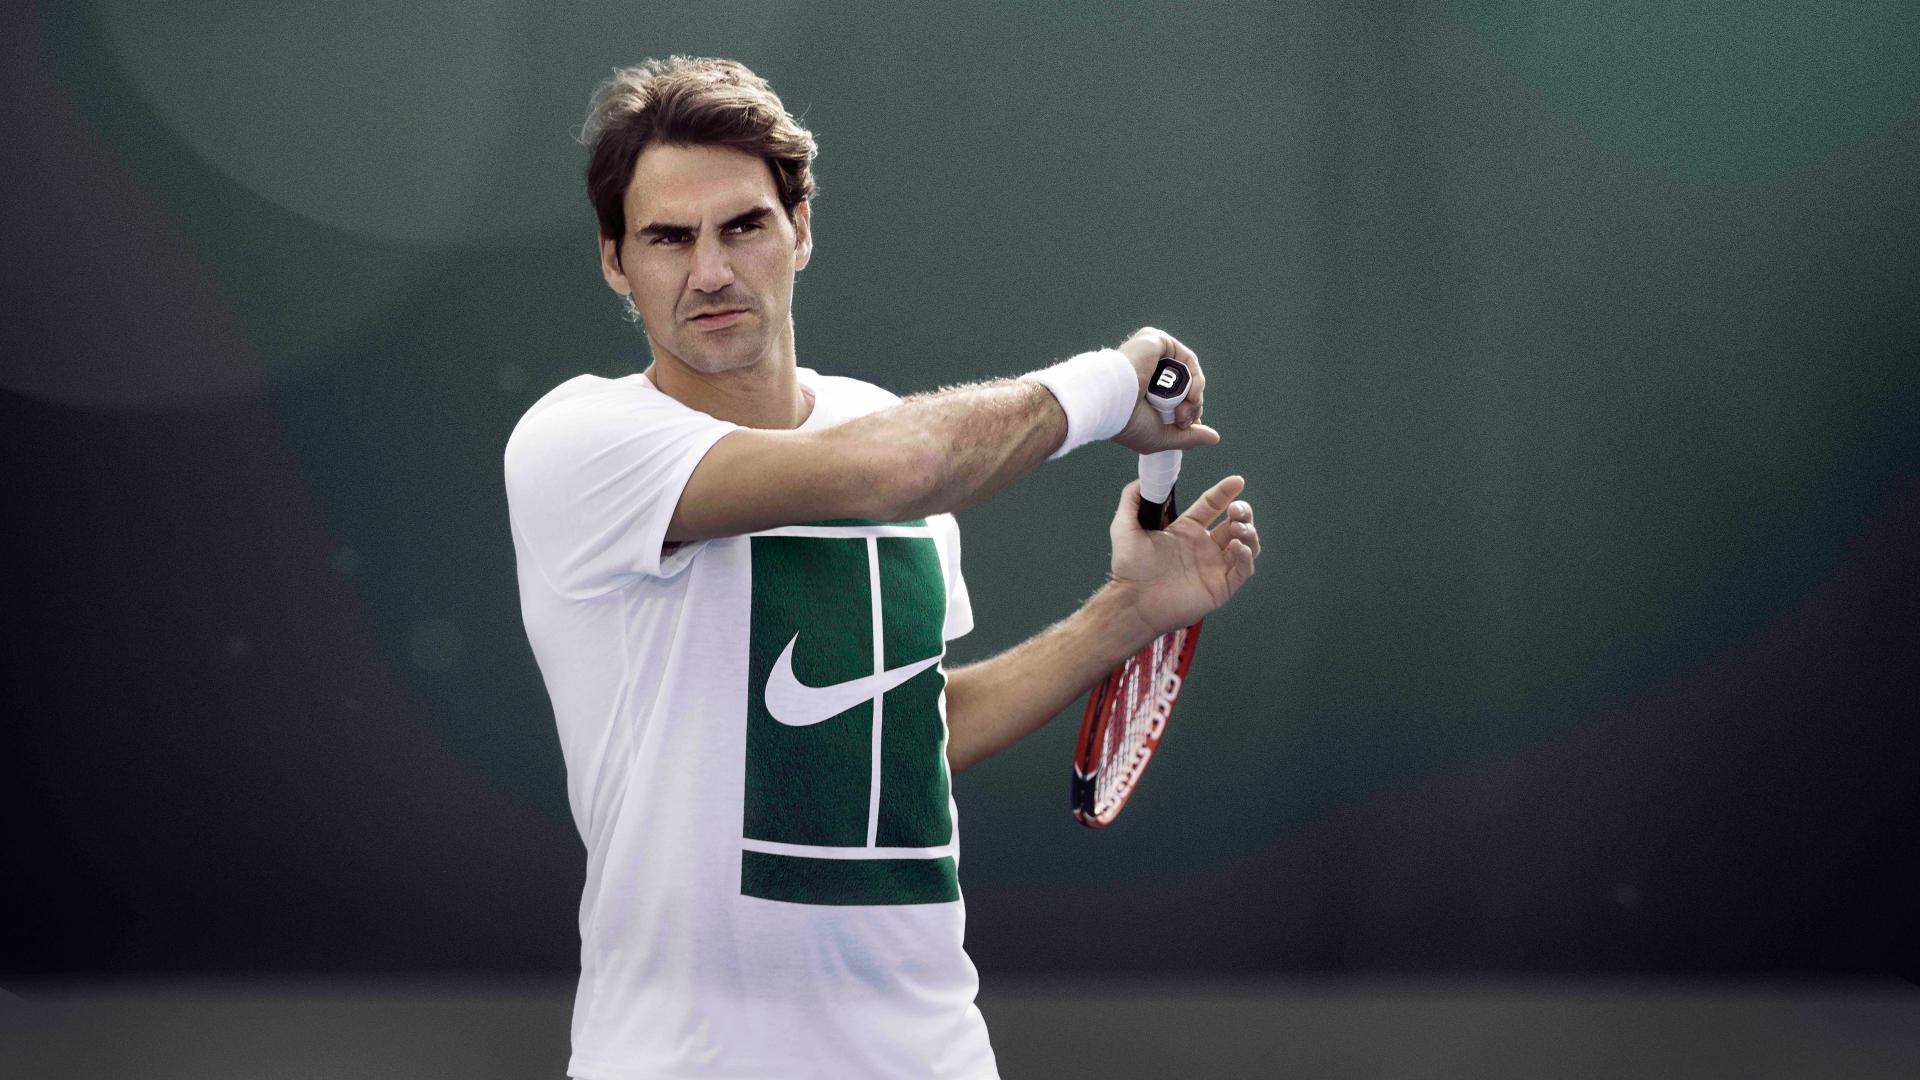 tennis 4k photos